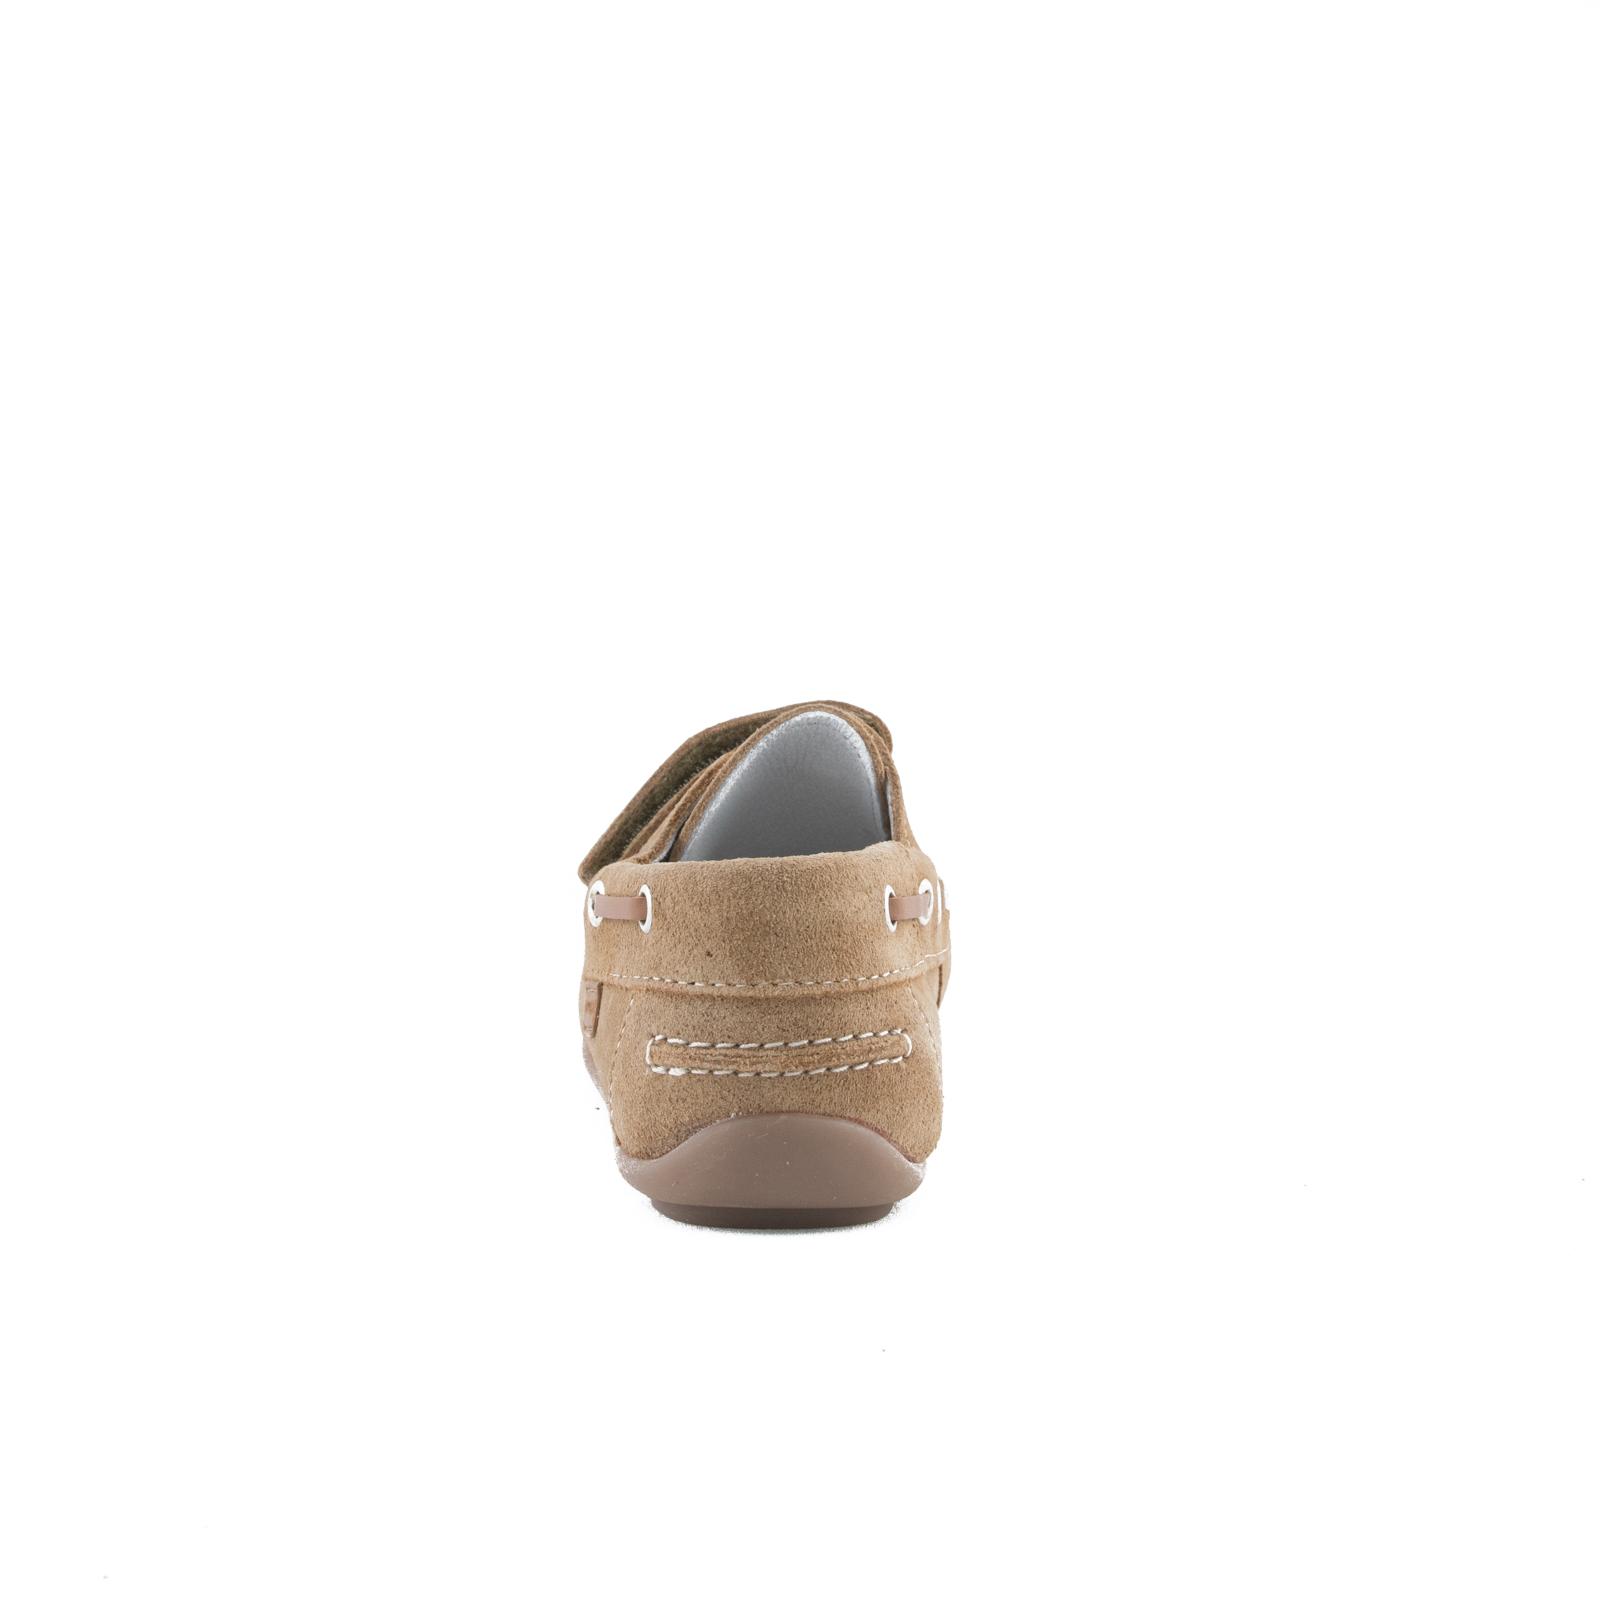 GARVALIN Boys Loafer Suede Camel 182350-E